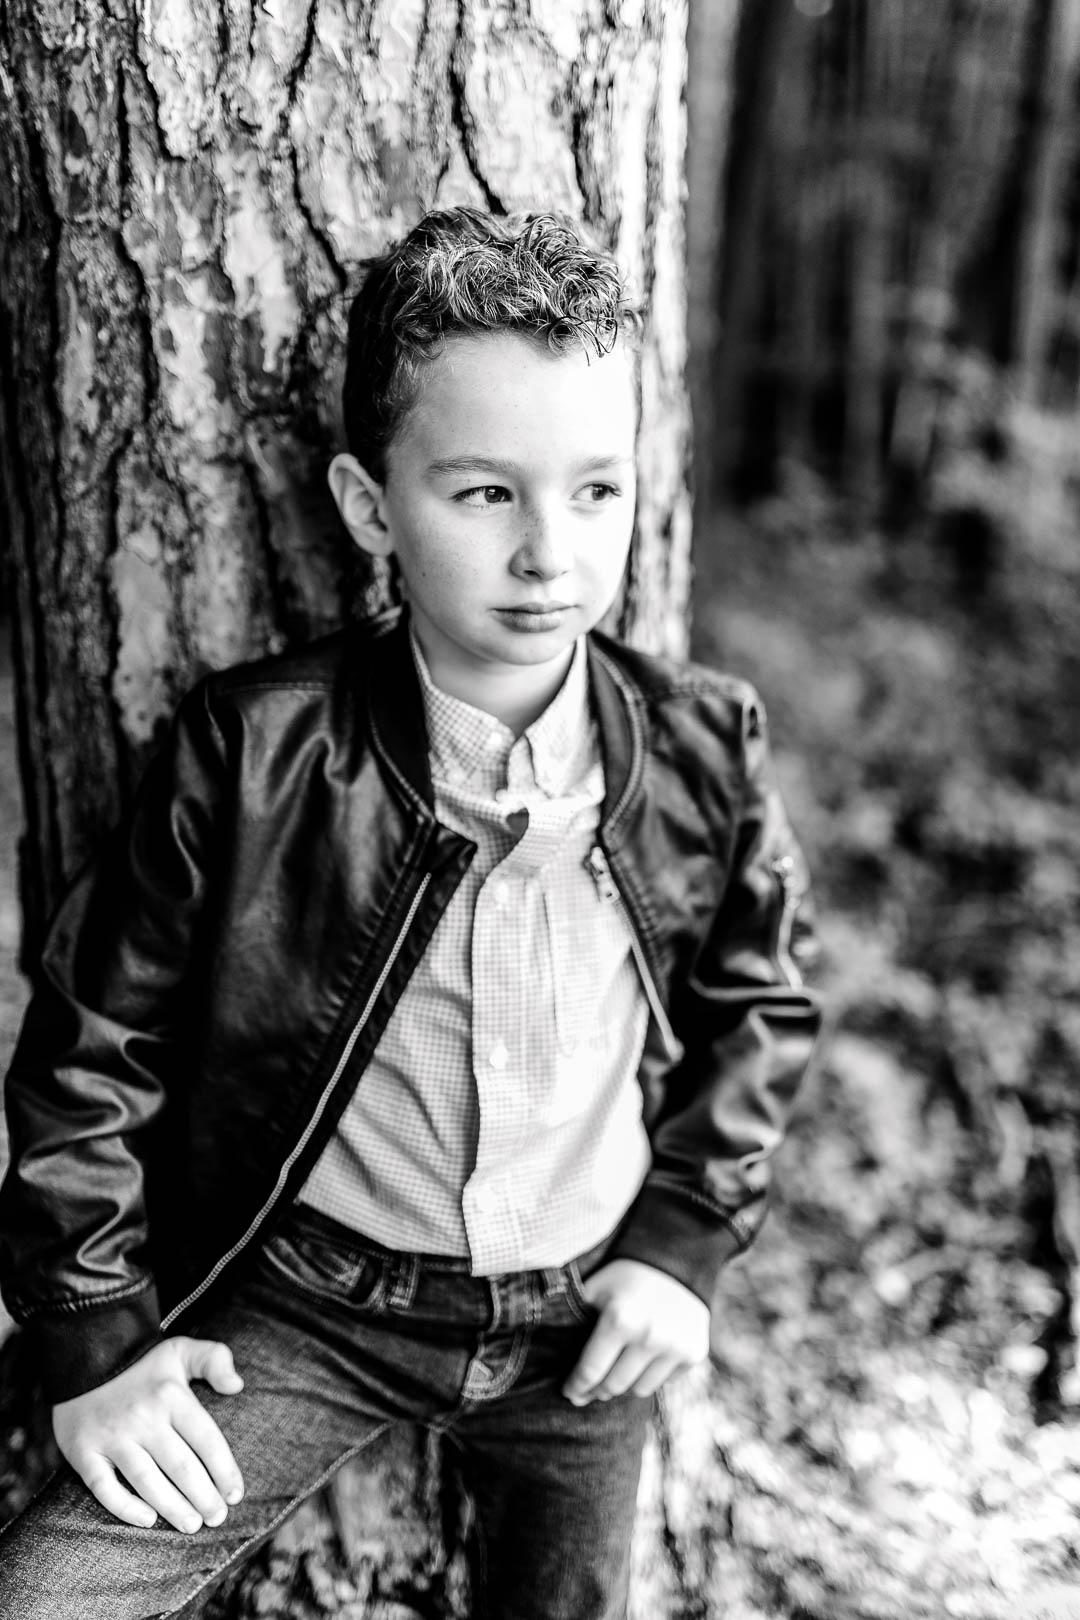 Kinderfotograf Franken Nürnberg Bayreuth Pegnitz 004 1 - familienfotografie, blog - Kinderfotografie, Kinderfotograf Nürnberg, Kinderfotograf Franken, Kinder